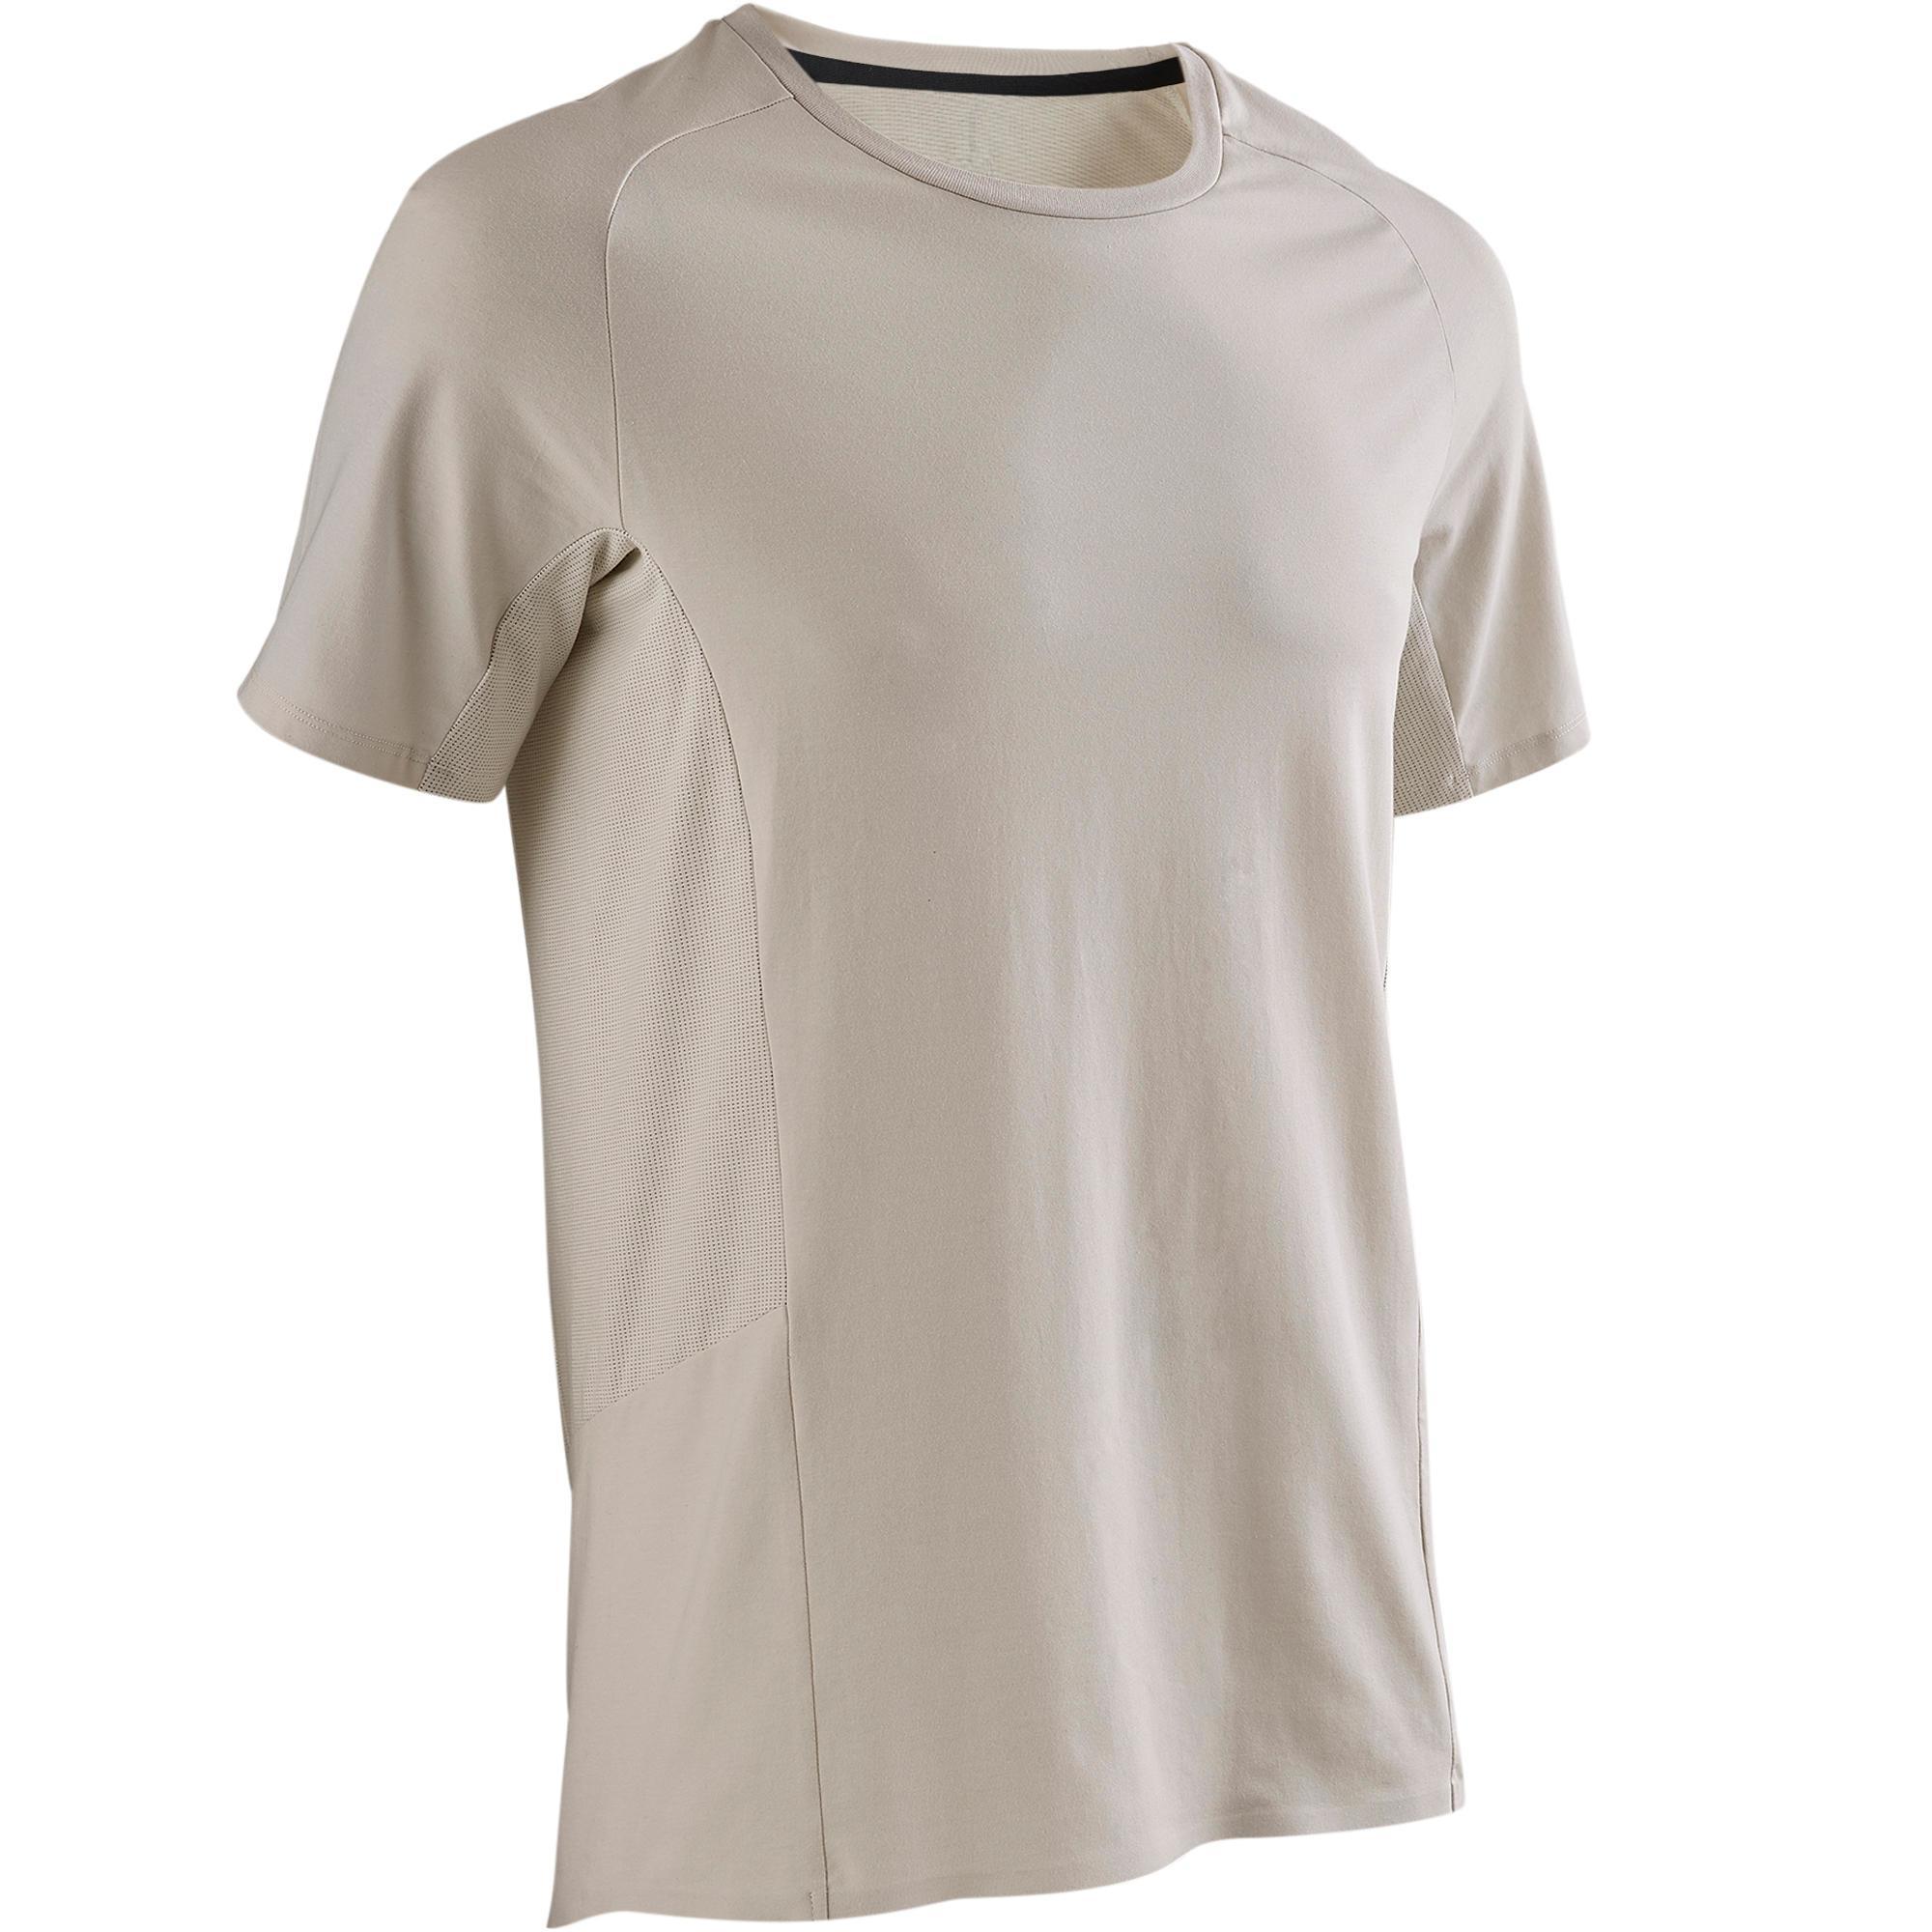 T-Shirt 560 Gym & Pilates Herren beige | Sportbekleidung > Sportshirts > Poloshirts | Beige | Domyos